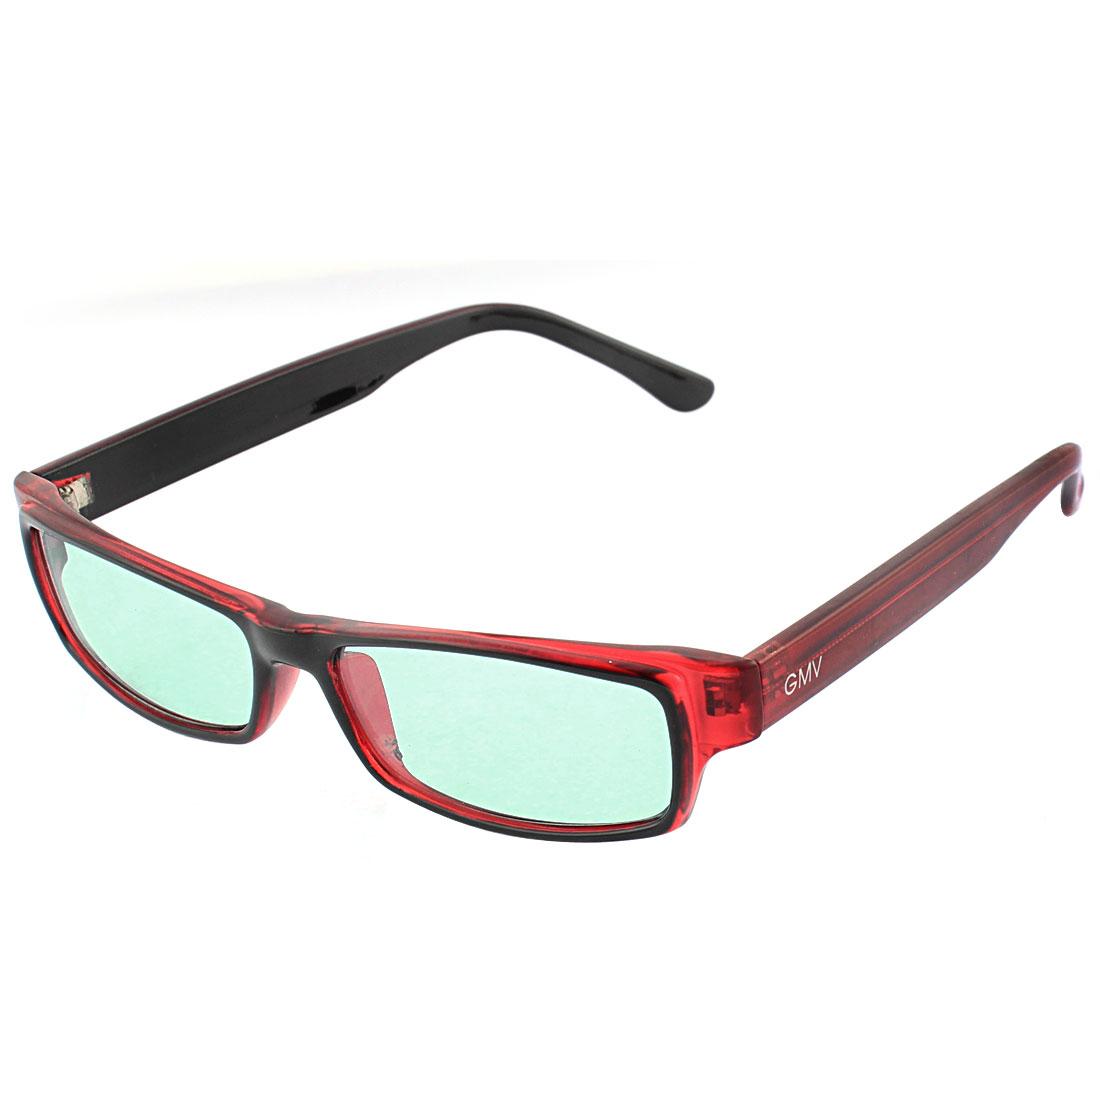 Burgundy Rectangular Style Full Frame Single Bridge Sunglasses for Women